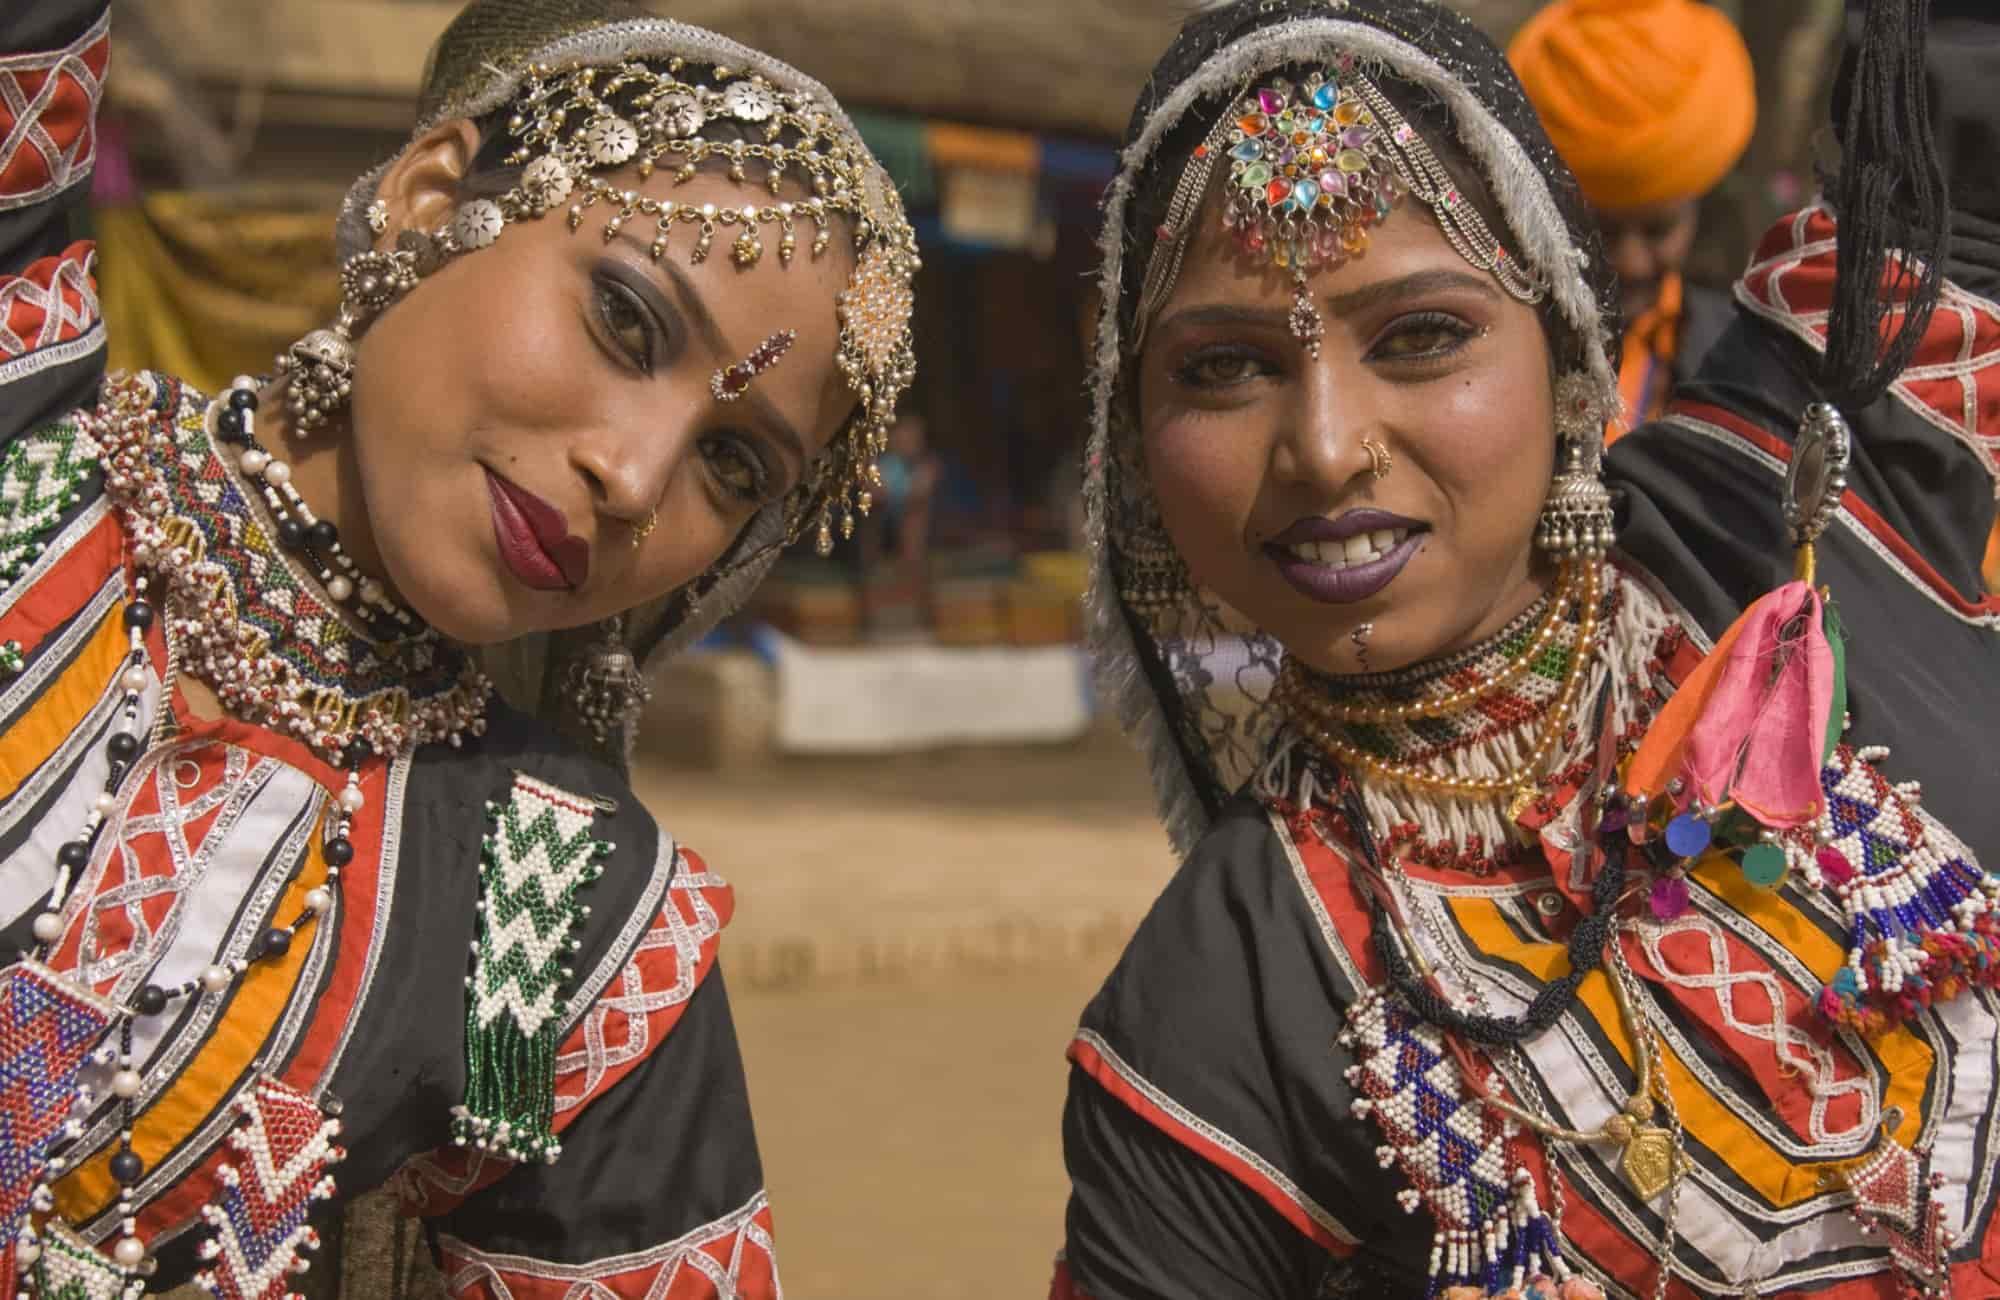 Danseuses de kalbelia à Jaipur - Recoup